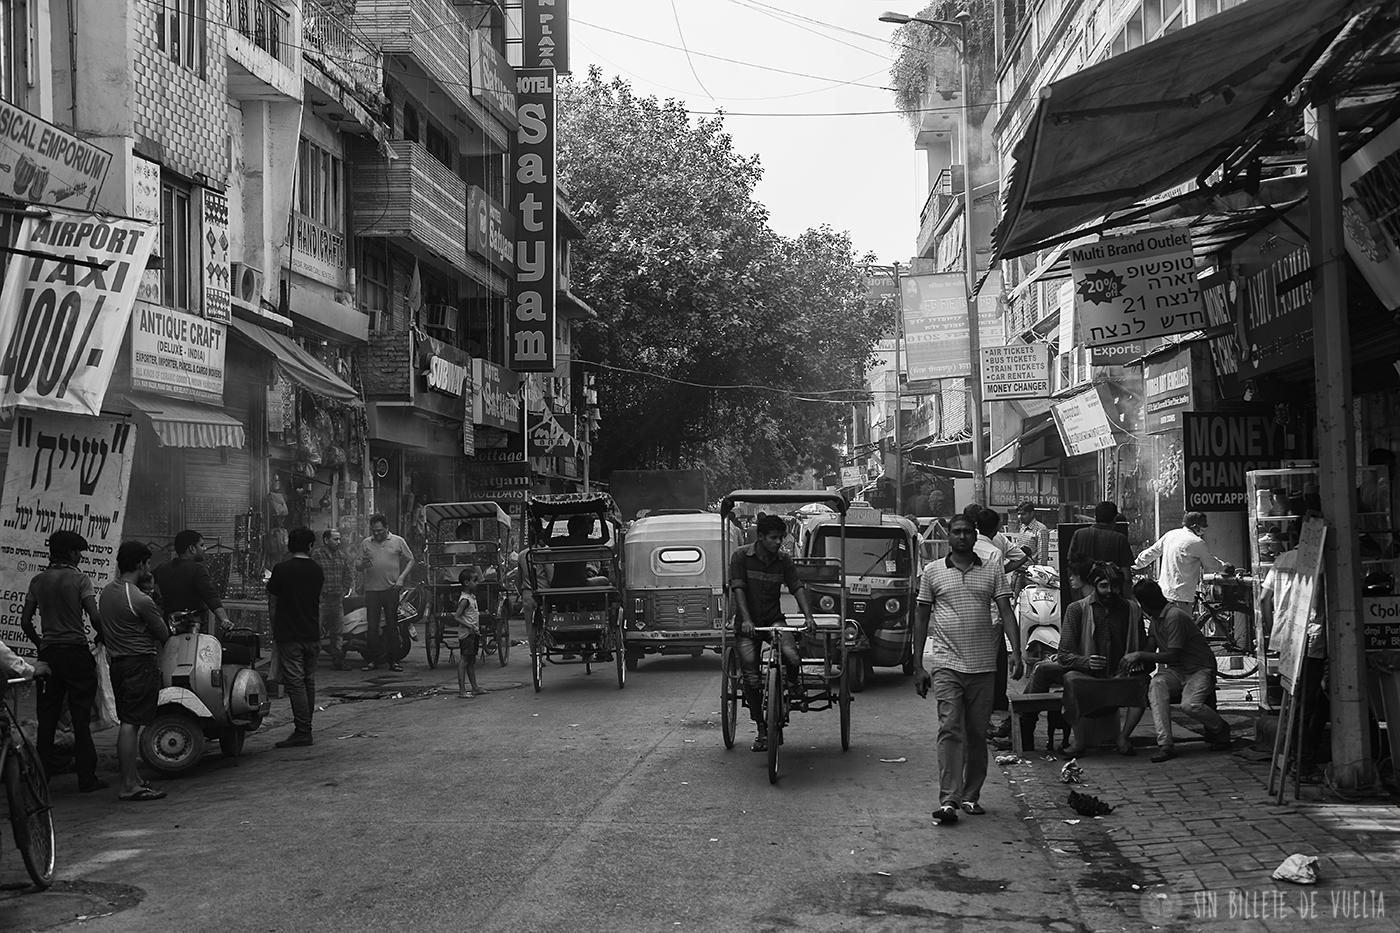 #Día 3 - Calles Old Delhi